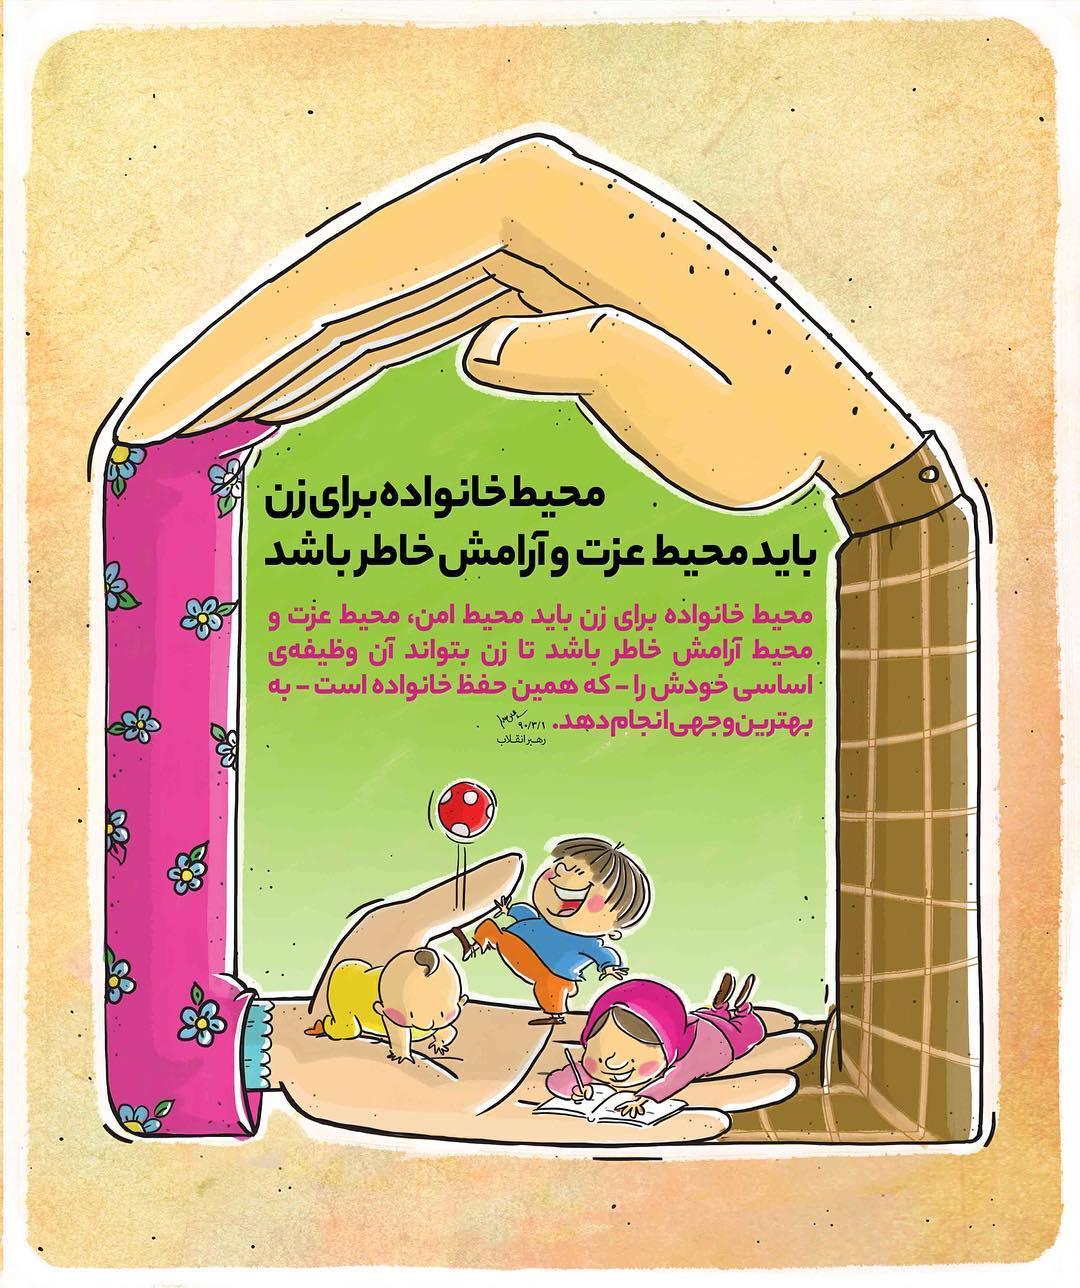 محیط خانواده برای زن باید محیط امن، محیط عزت و محیط آرامش خاطر باشد.jpg (1080×1288)